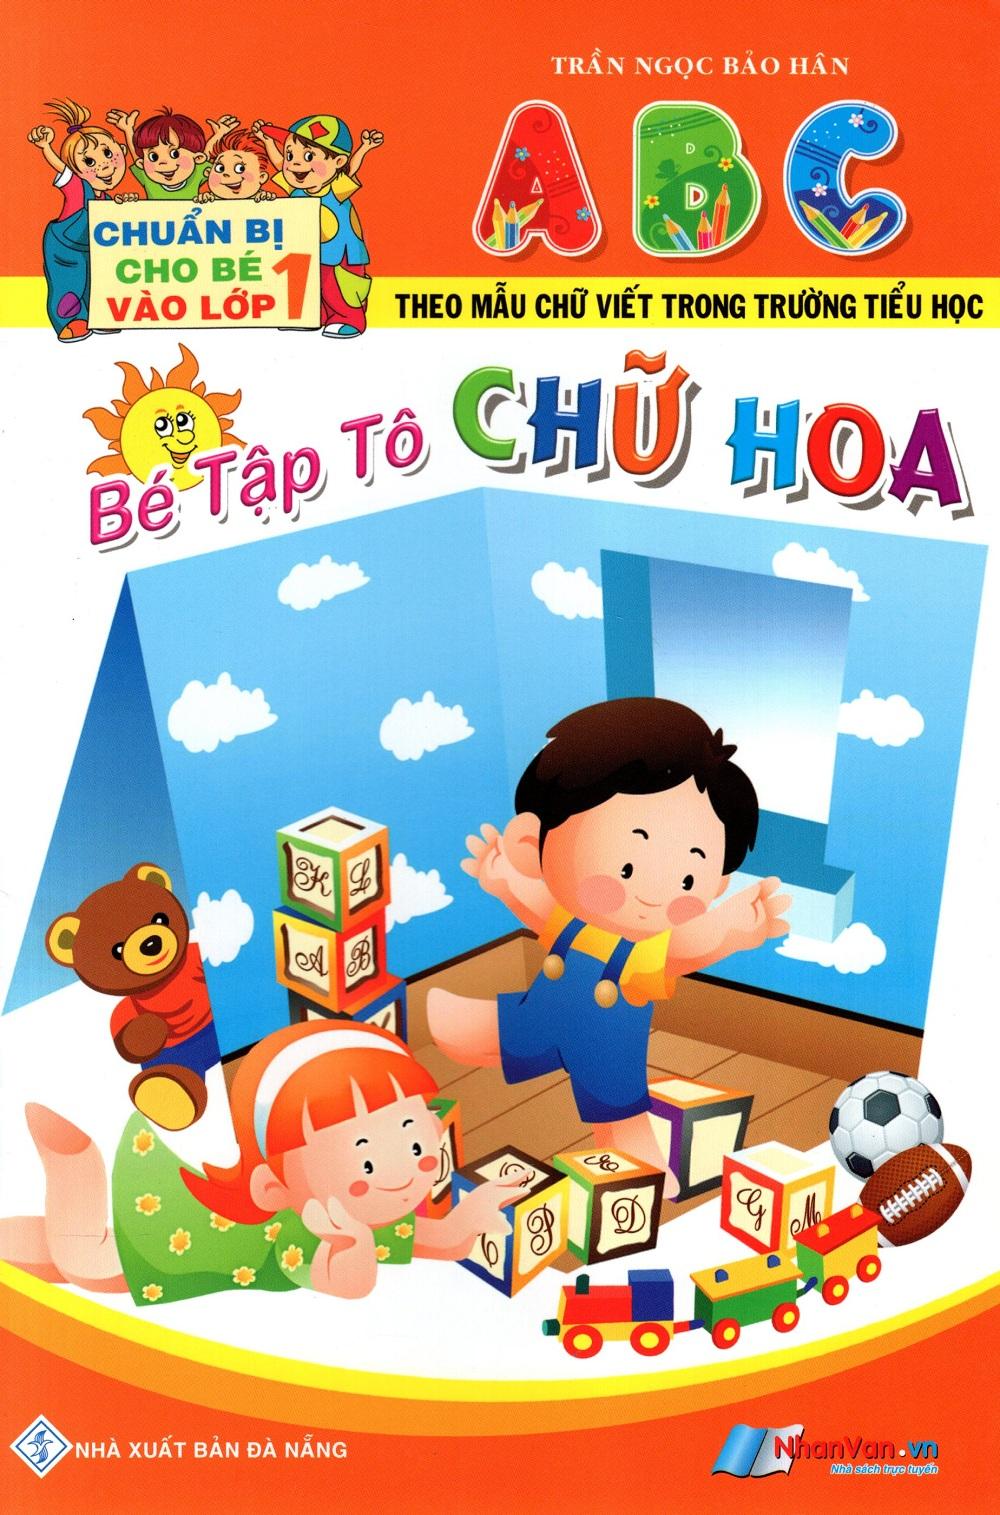 Bìa sách Chuẩn Bị Cho Bé Vào Lớp 1: Bé Tập Tô Chữ Hoa